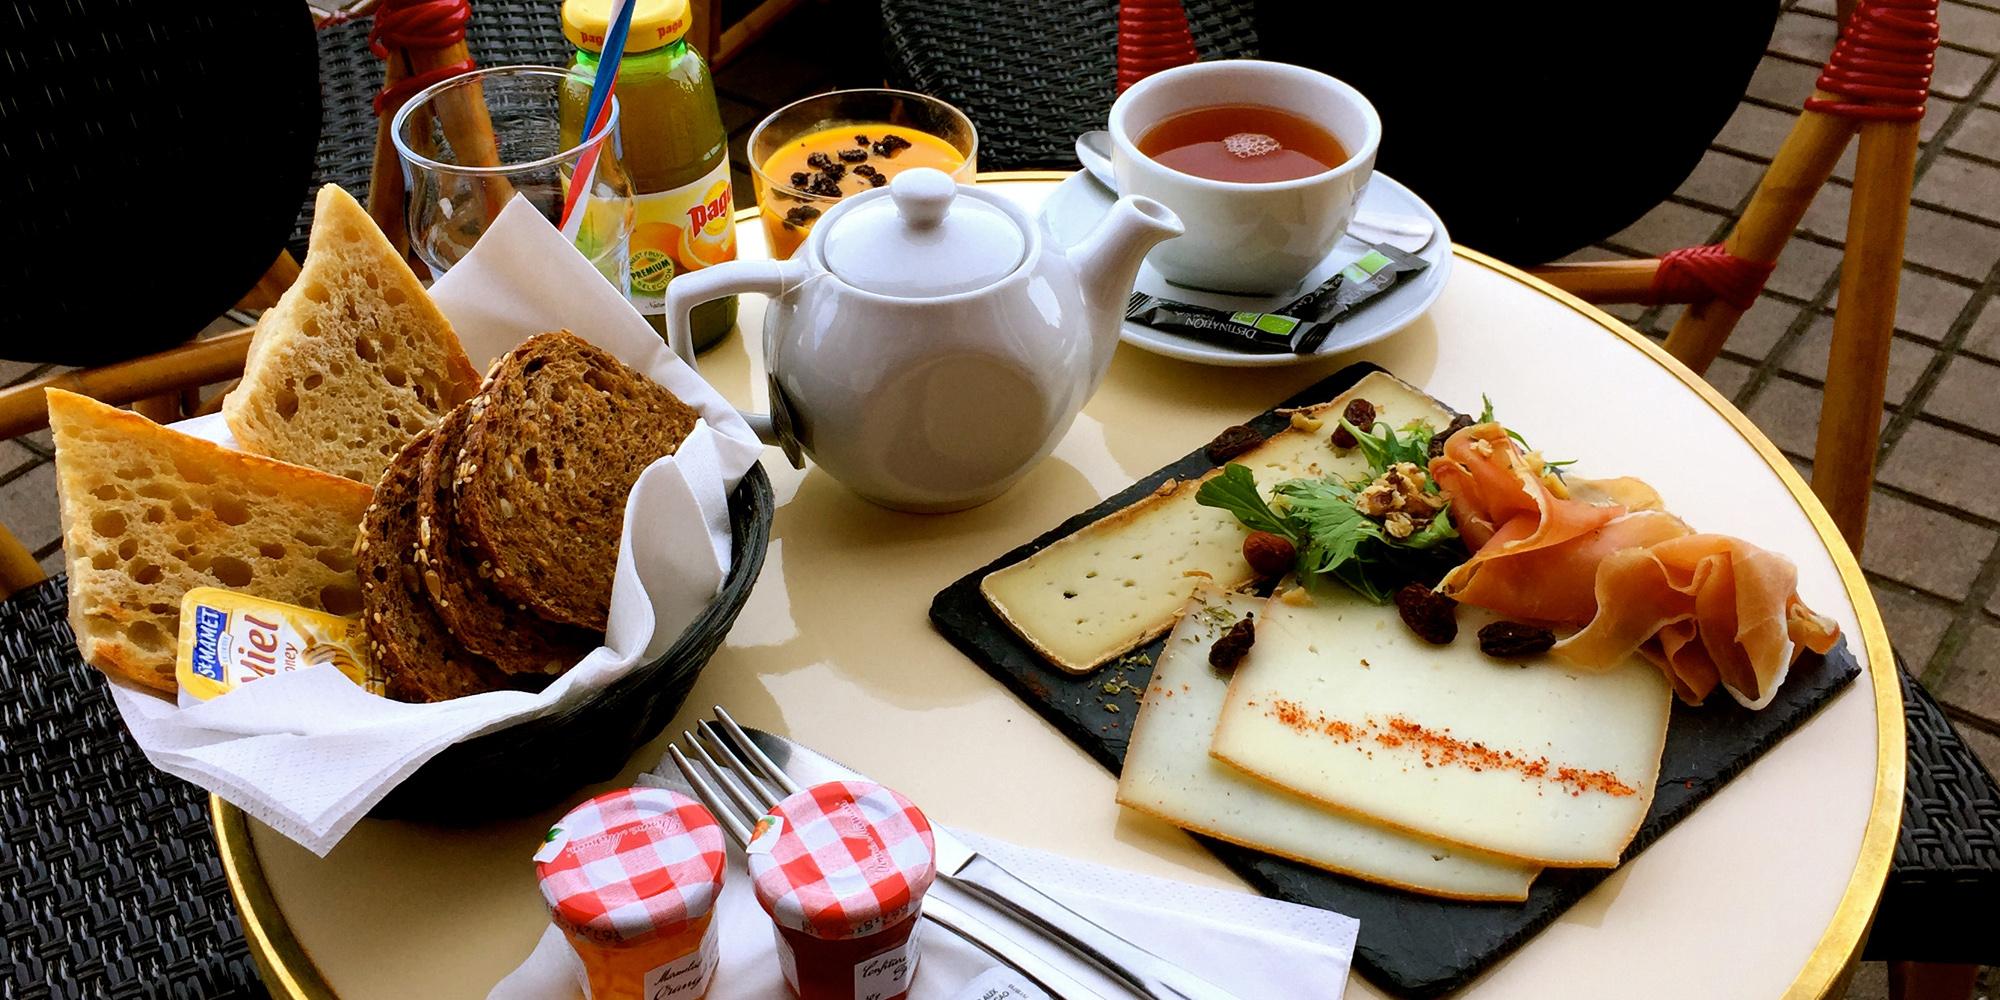 Brunch Le Vintage Cafe Bordeaux 33000 Bordeaux Oubruncher